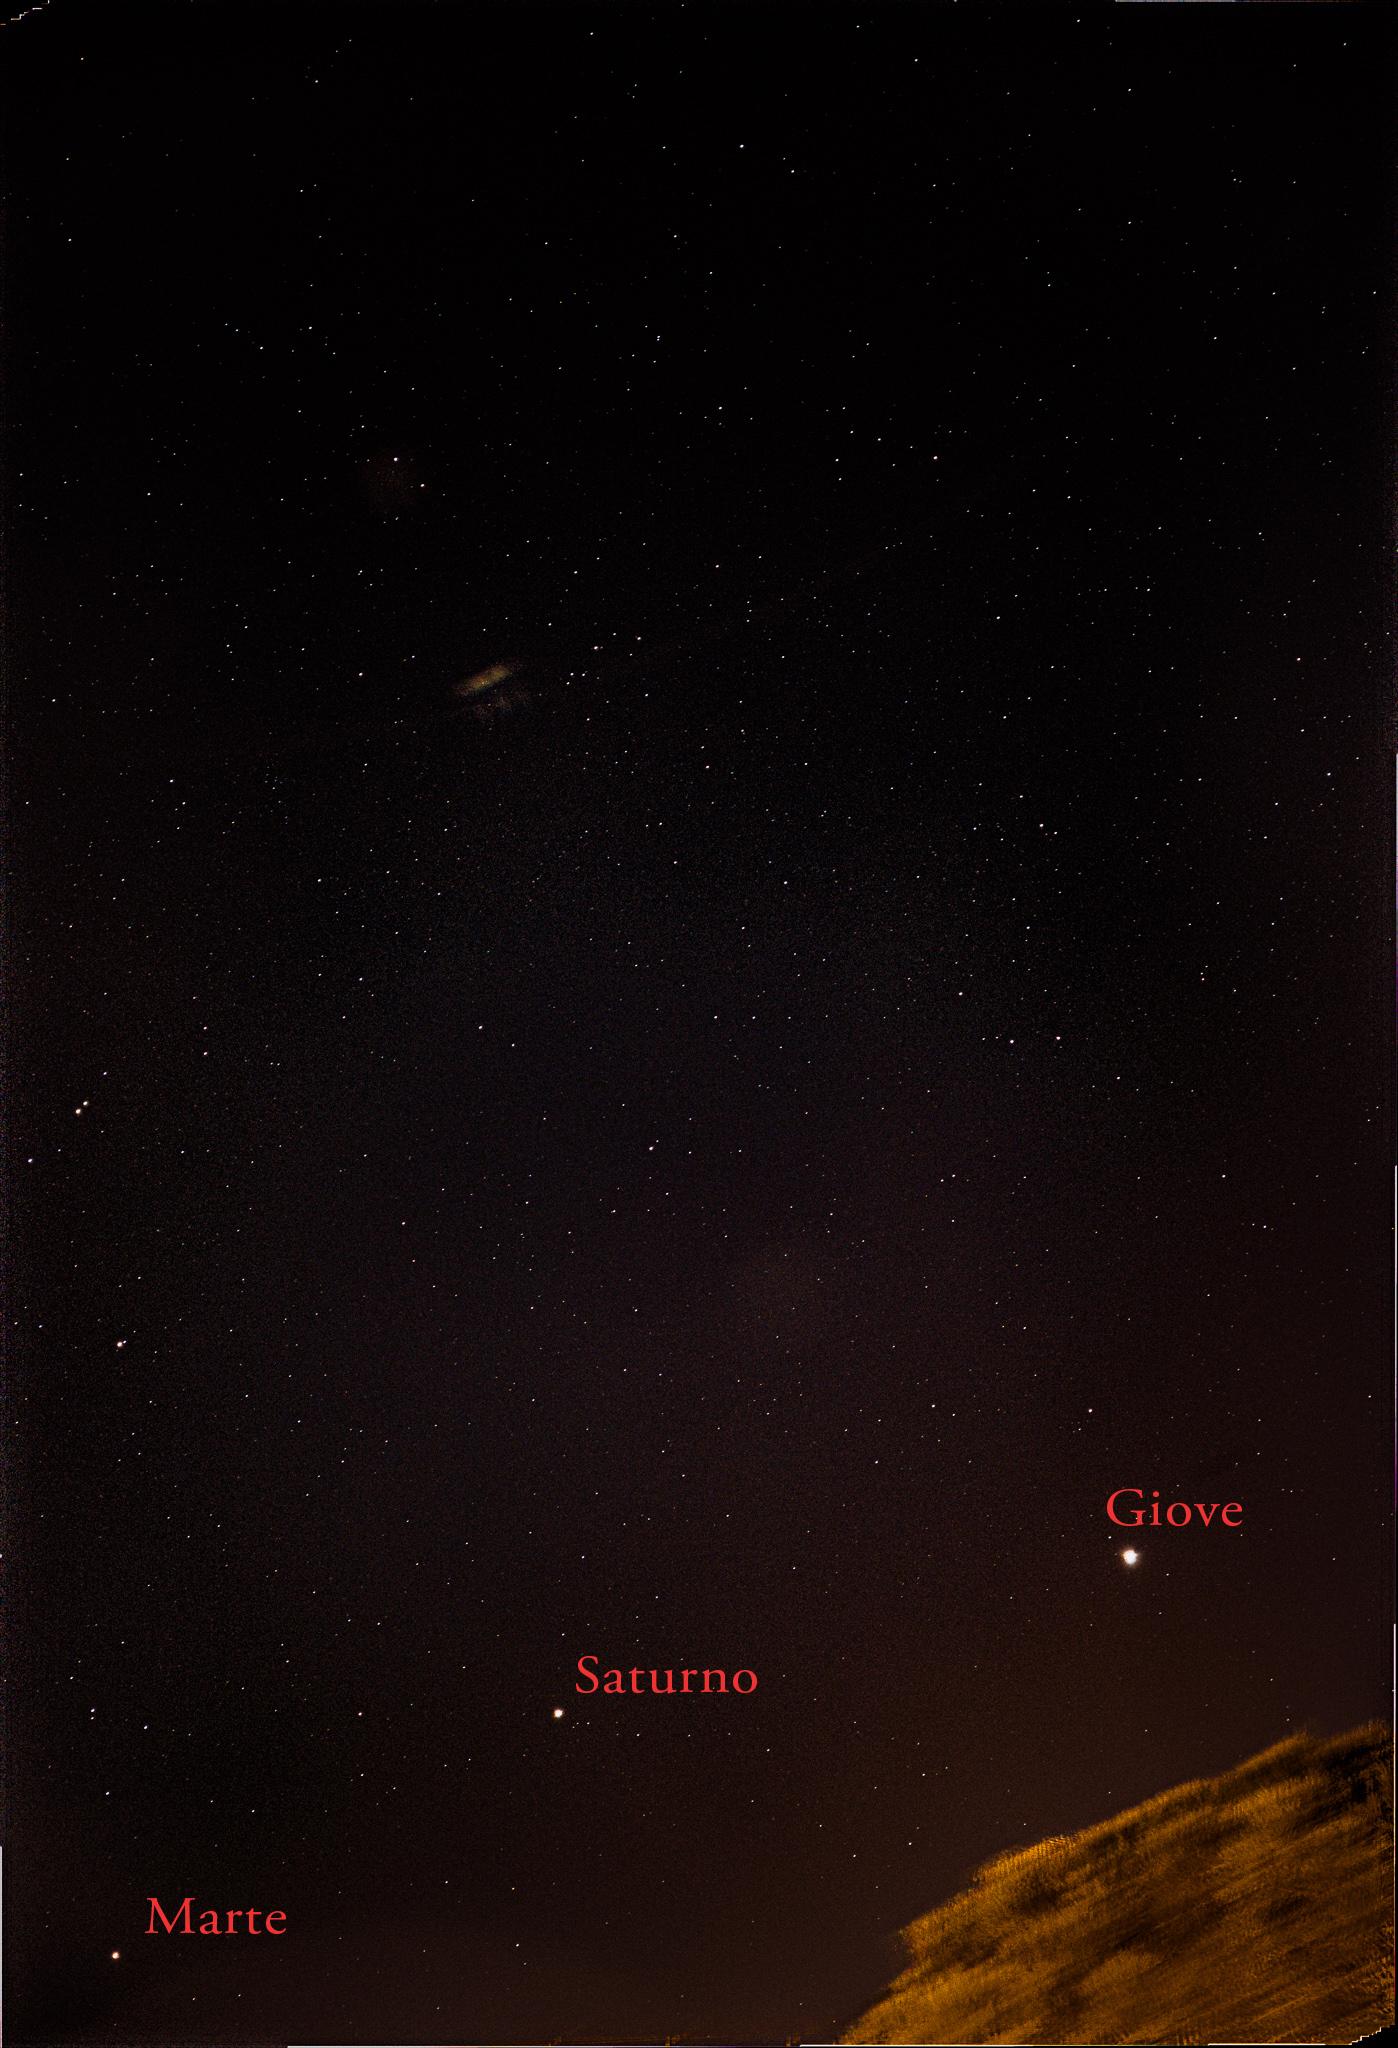 Giove, Saturno e Marte